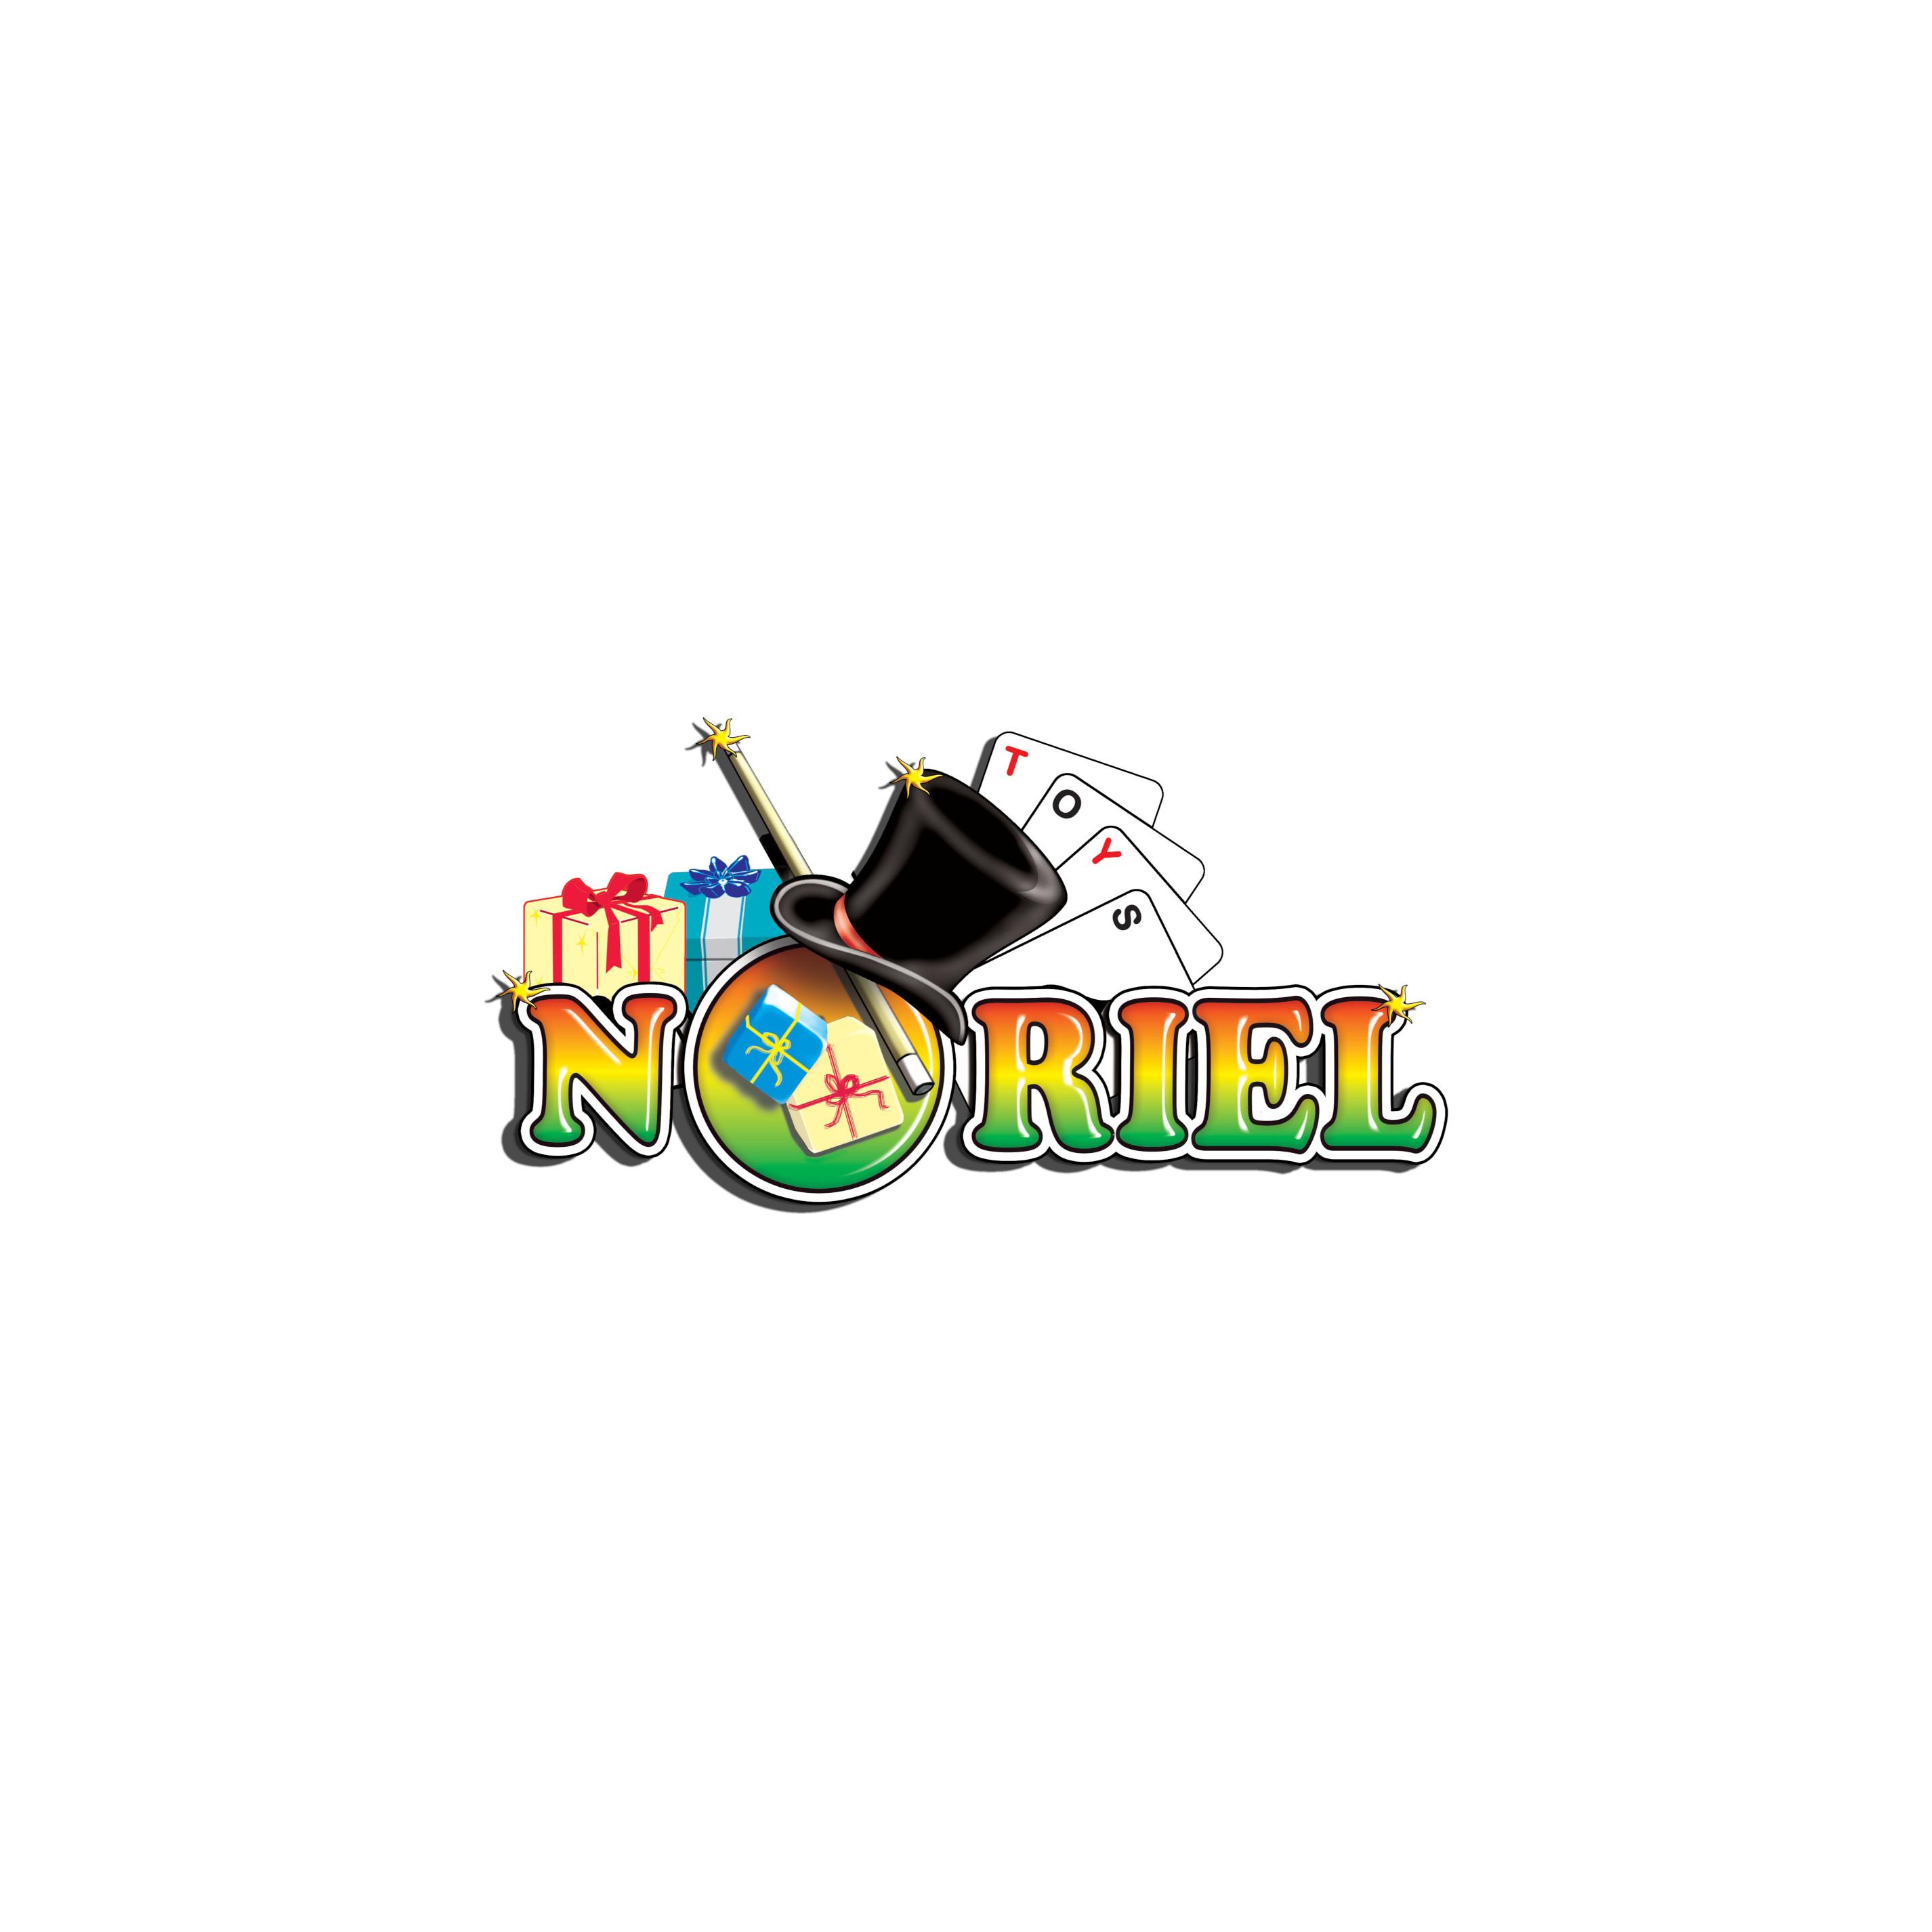 Girasol - Colorati cu abtibilduri 5 - Cai si ponei